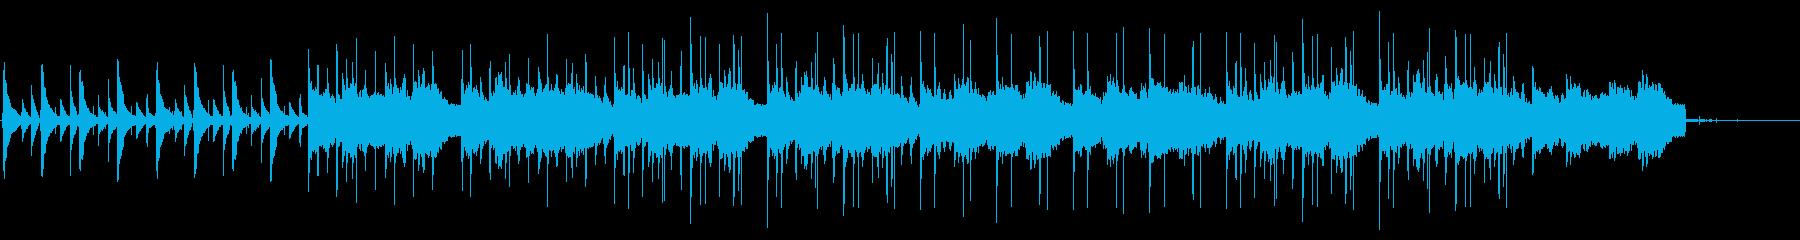 朝に溶けていくLofi HipHopの再生済みの波形